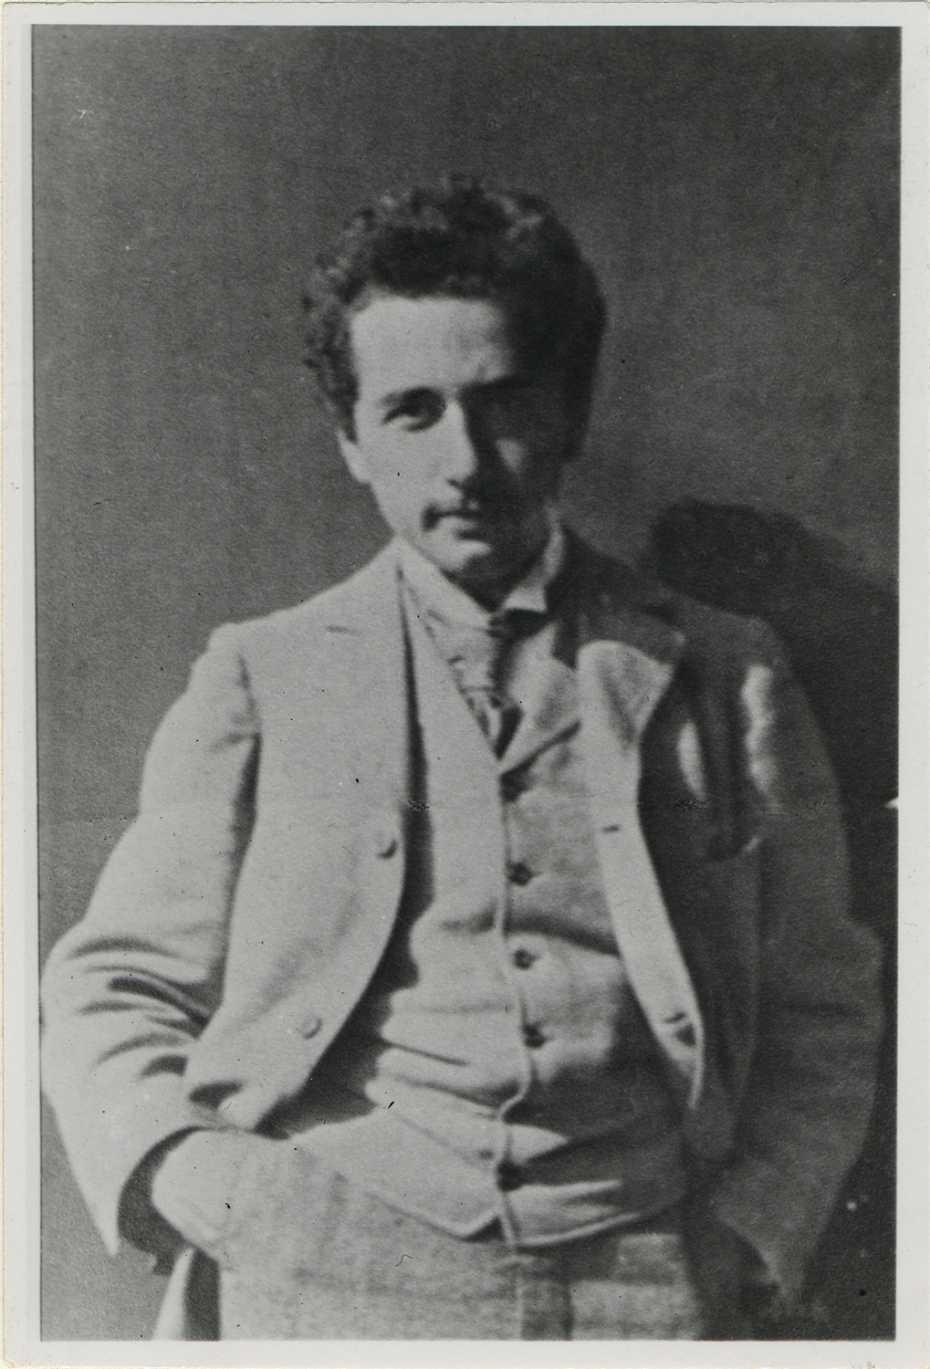 그림 1. 1898년 아인슈타인.